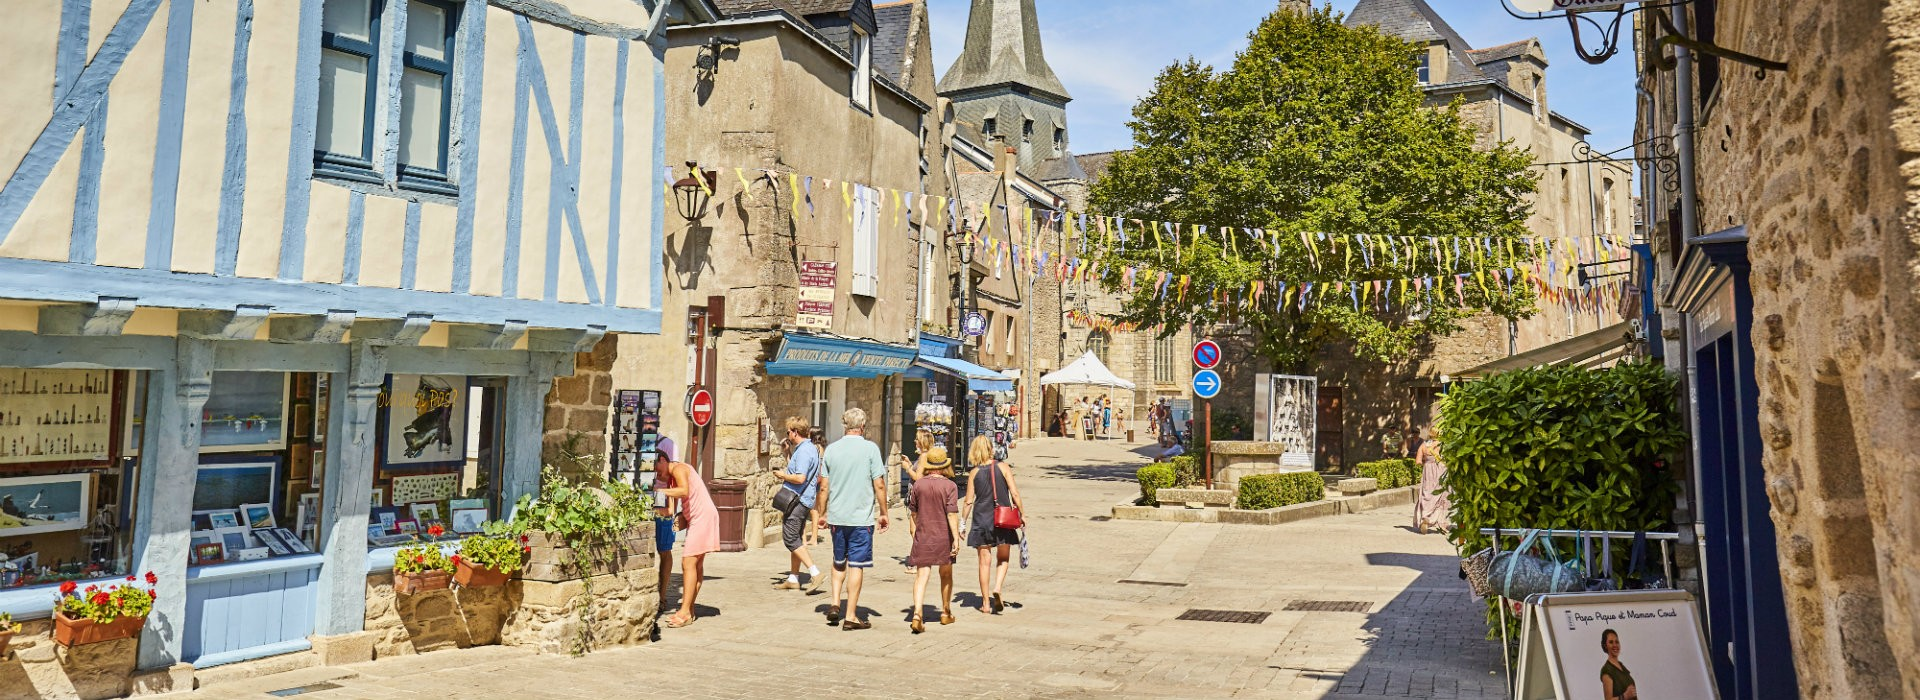 Nos activités & visites - Alexandre Lamoureux